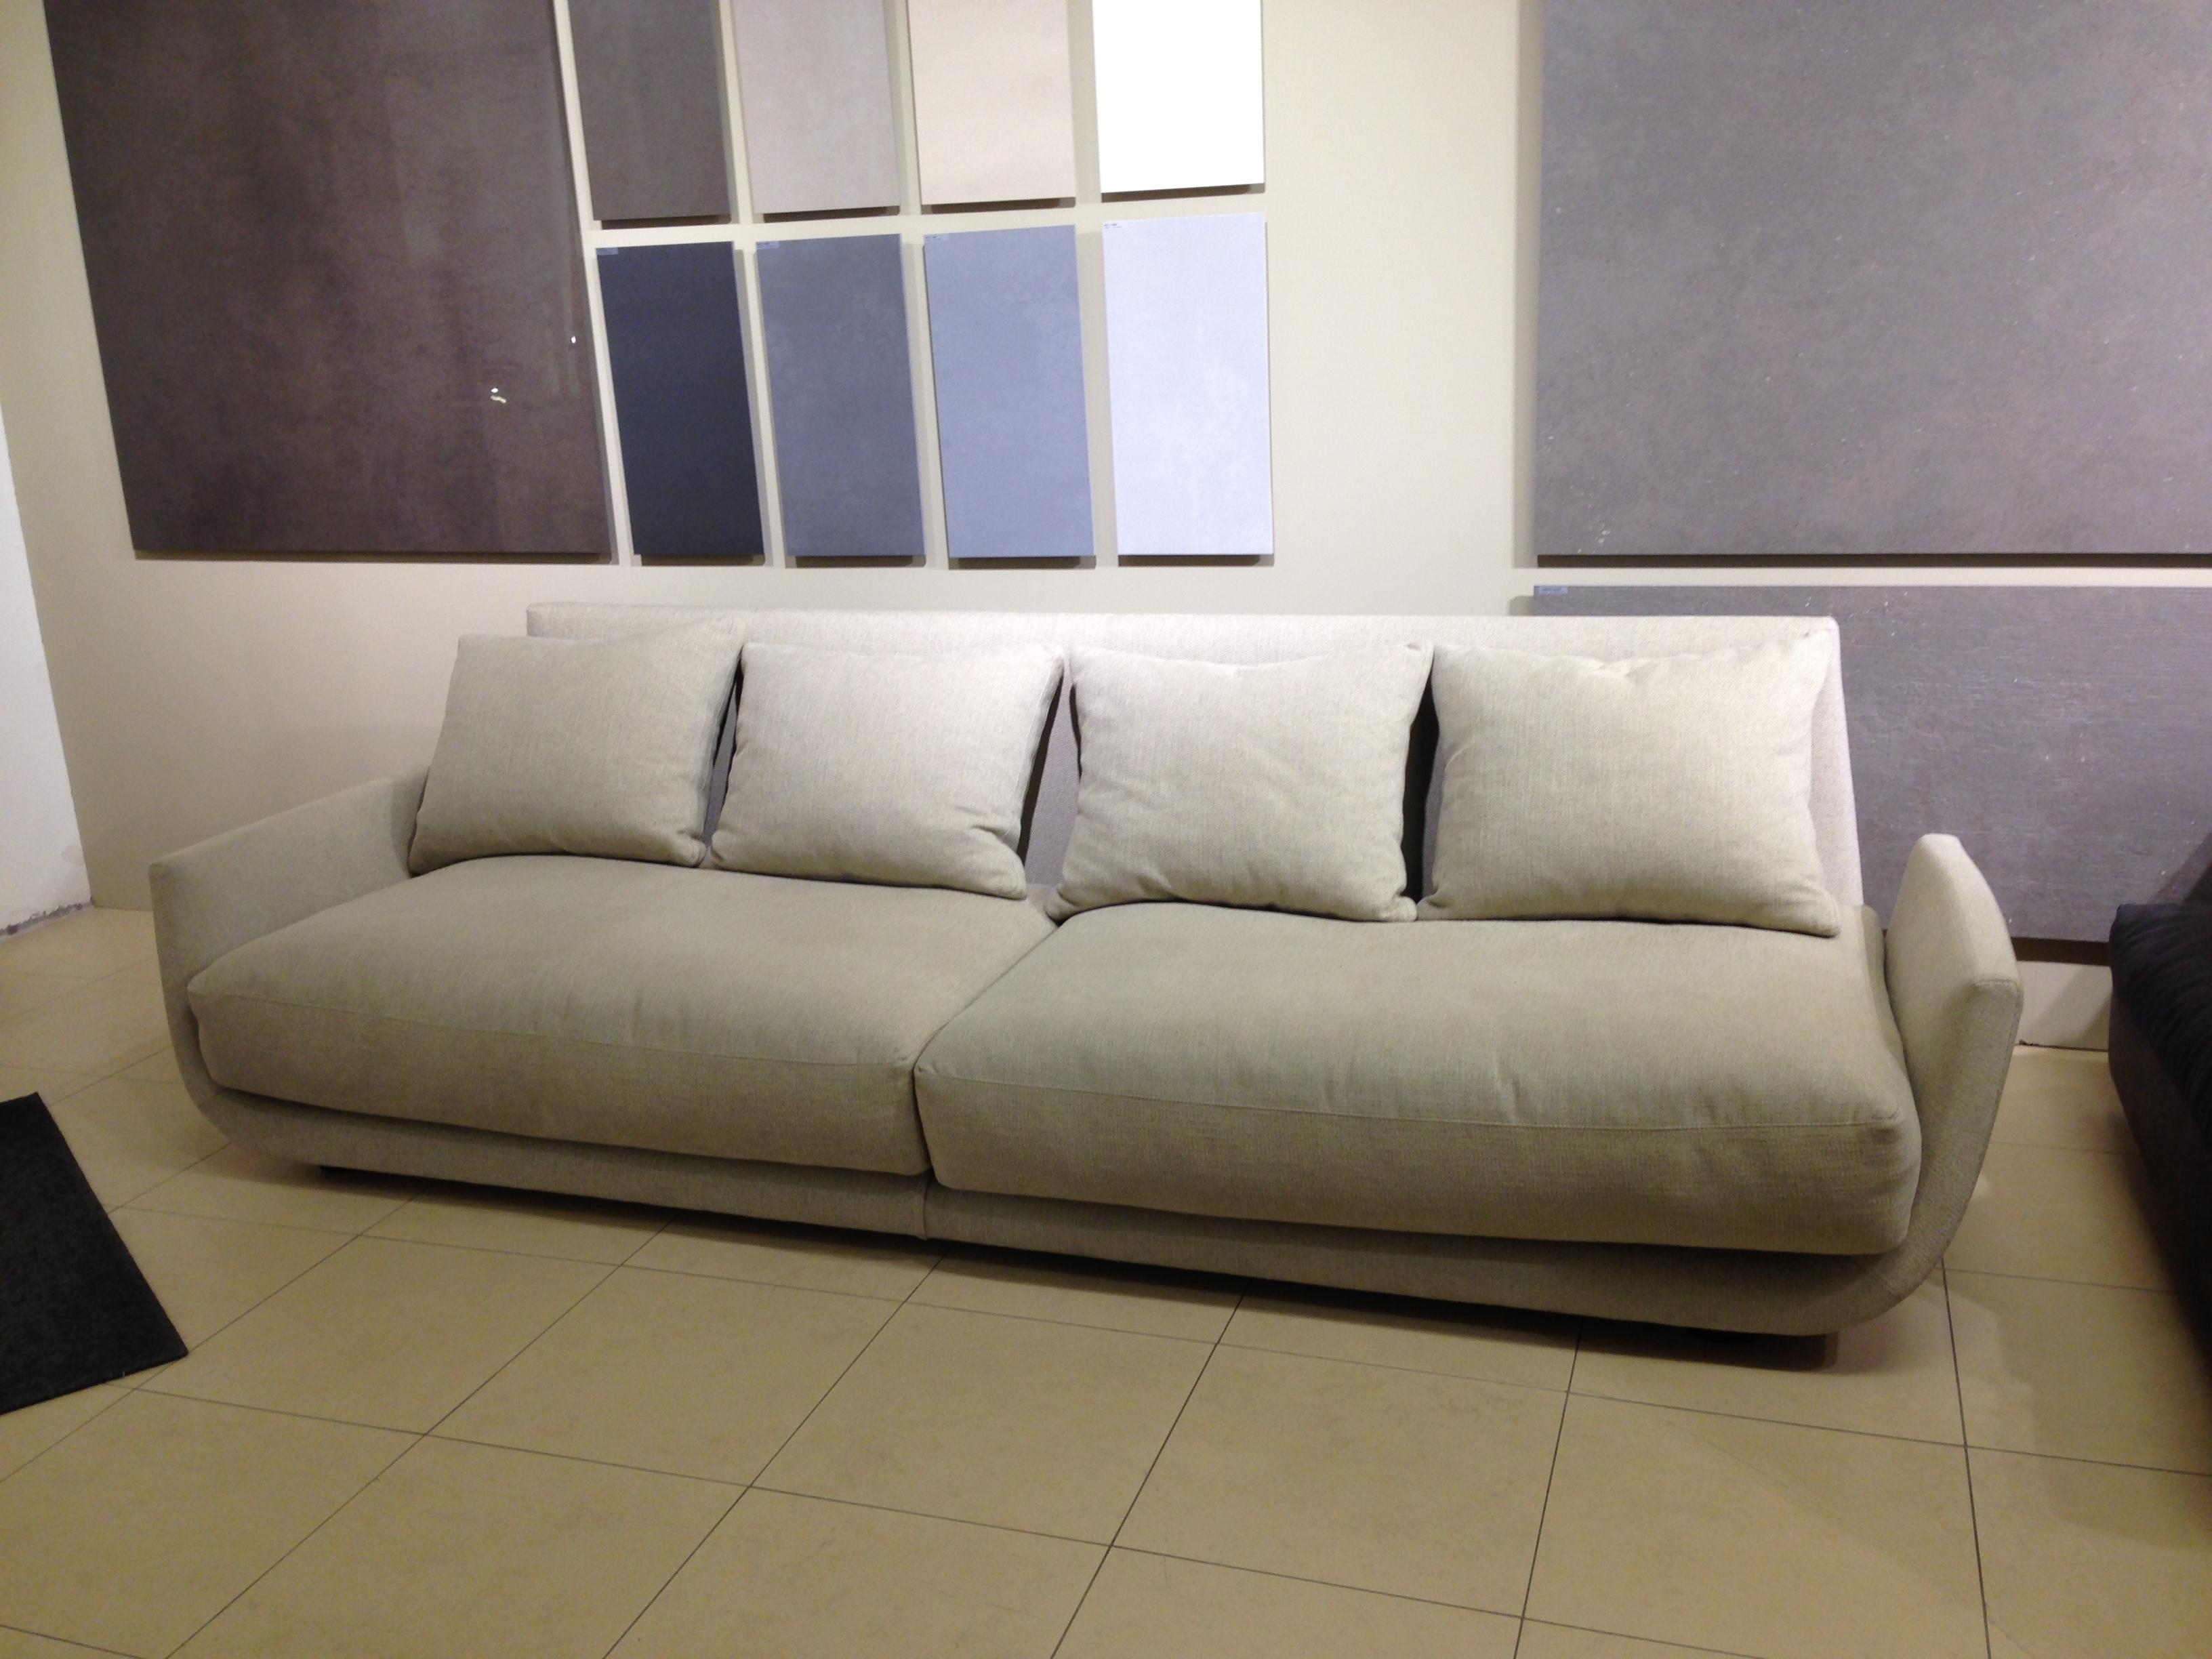 Divano desiree in offerta divani a prezzi scontati - Rivestimento divano ikea ...